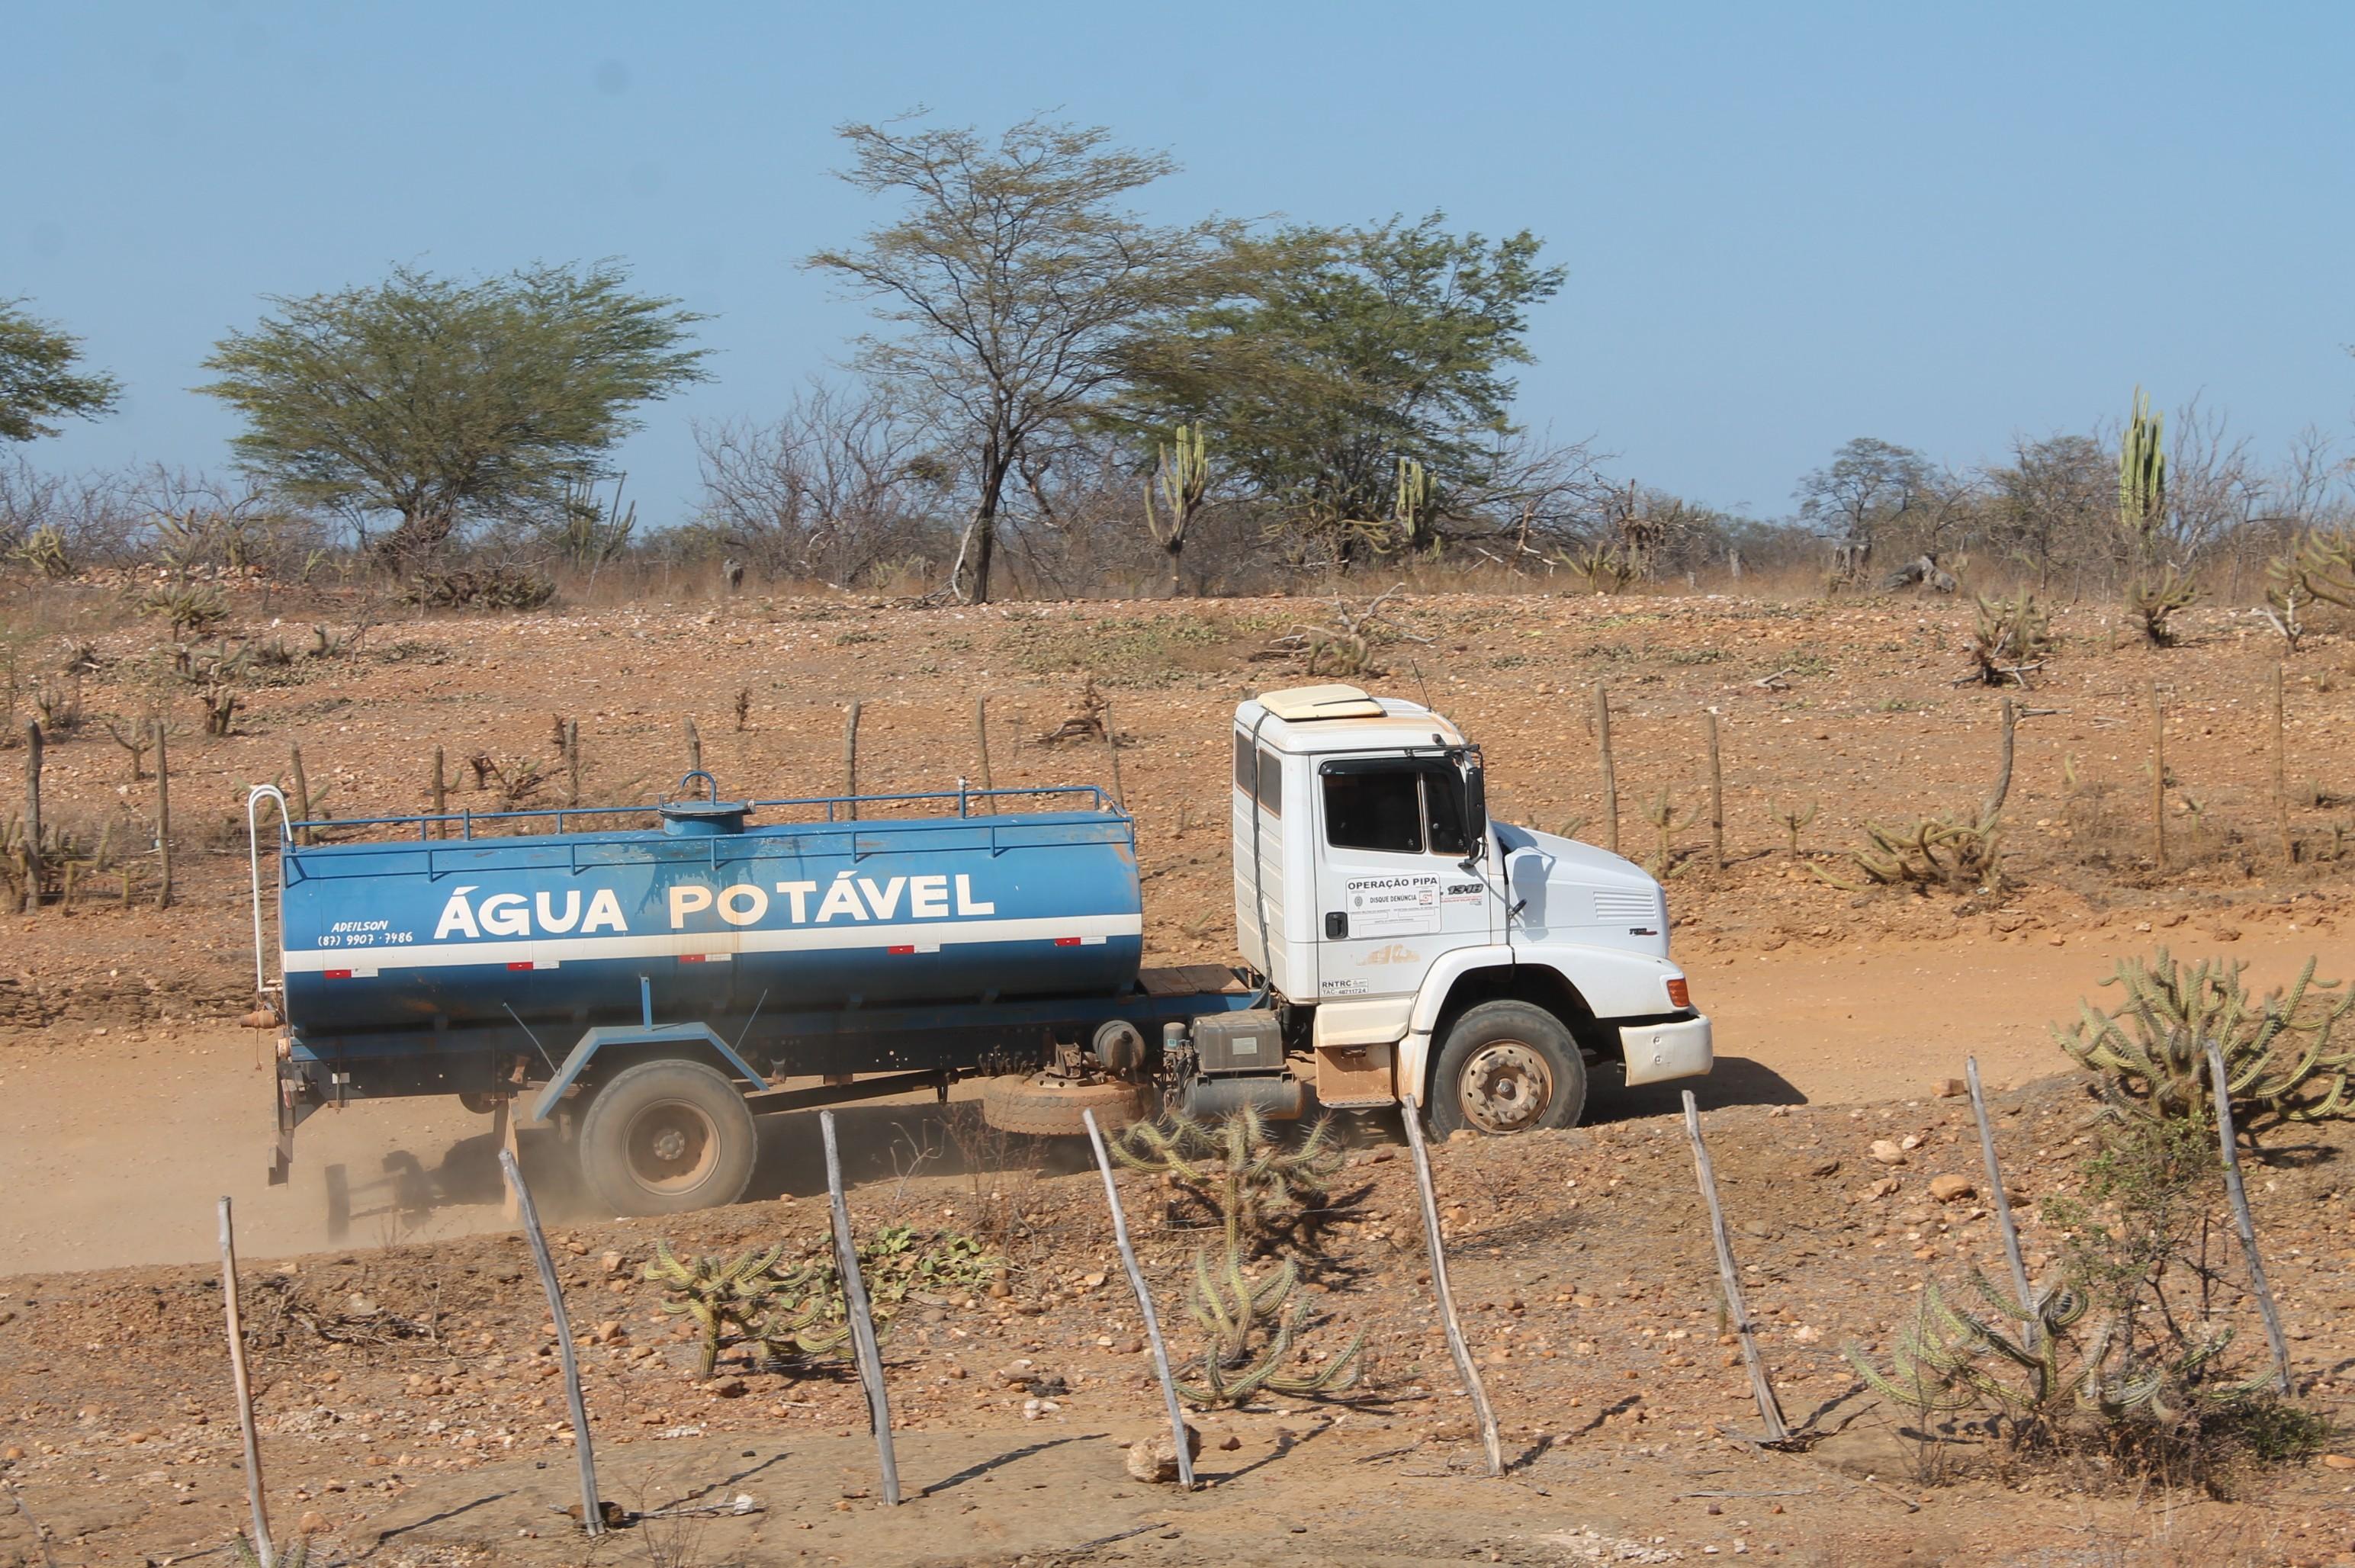 Mais dois municípios entram na lista dos que estão em situação de emergência por conta da seca - Noticias